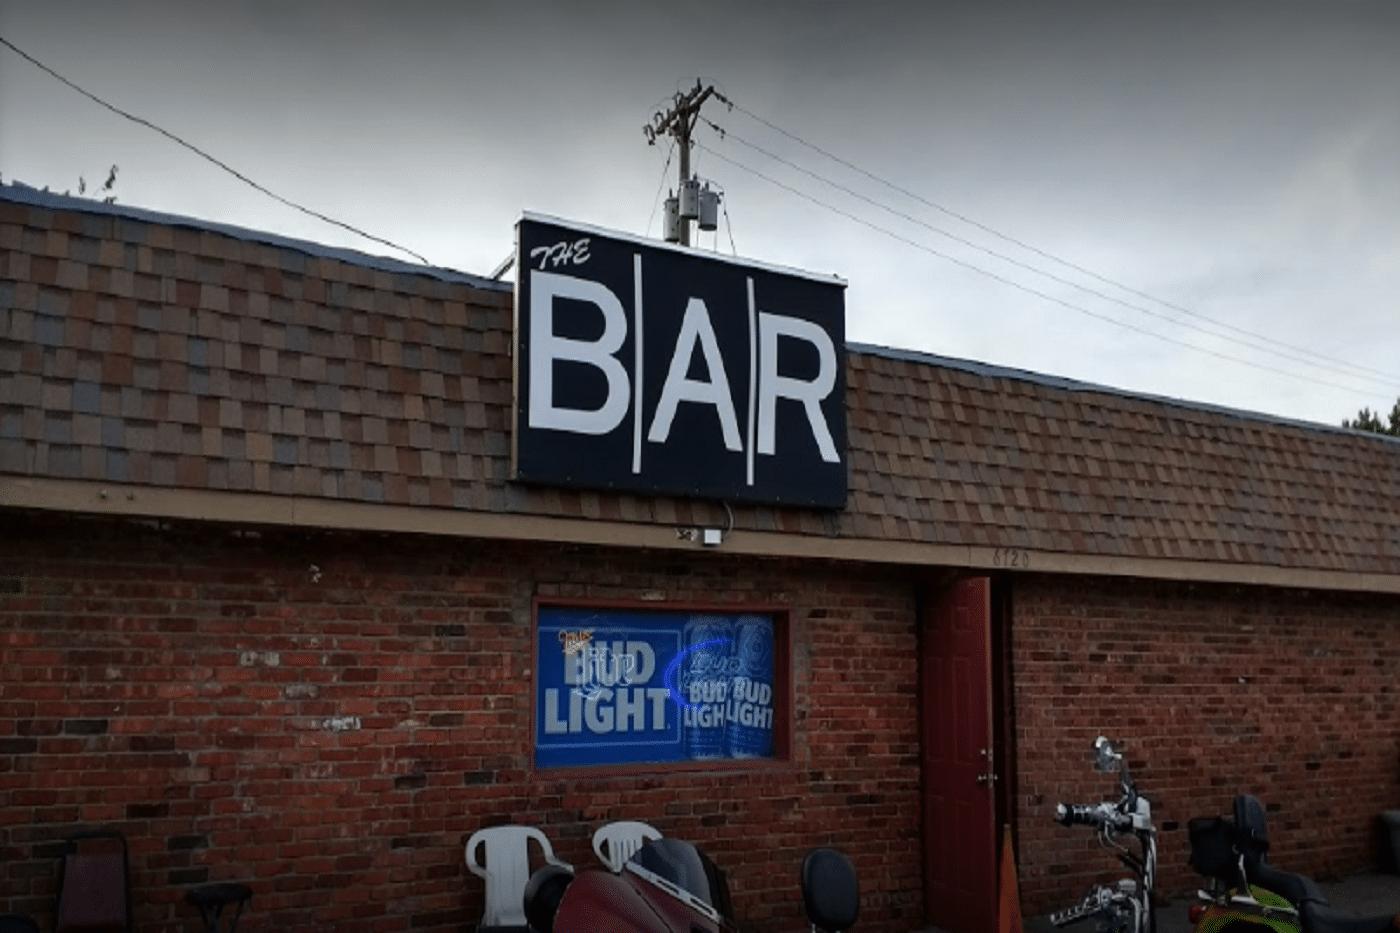 The Bar cited for Refilling Liquor Bottles